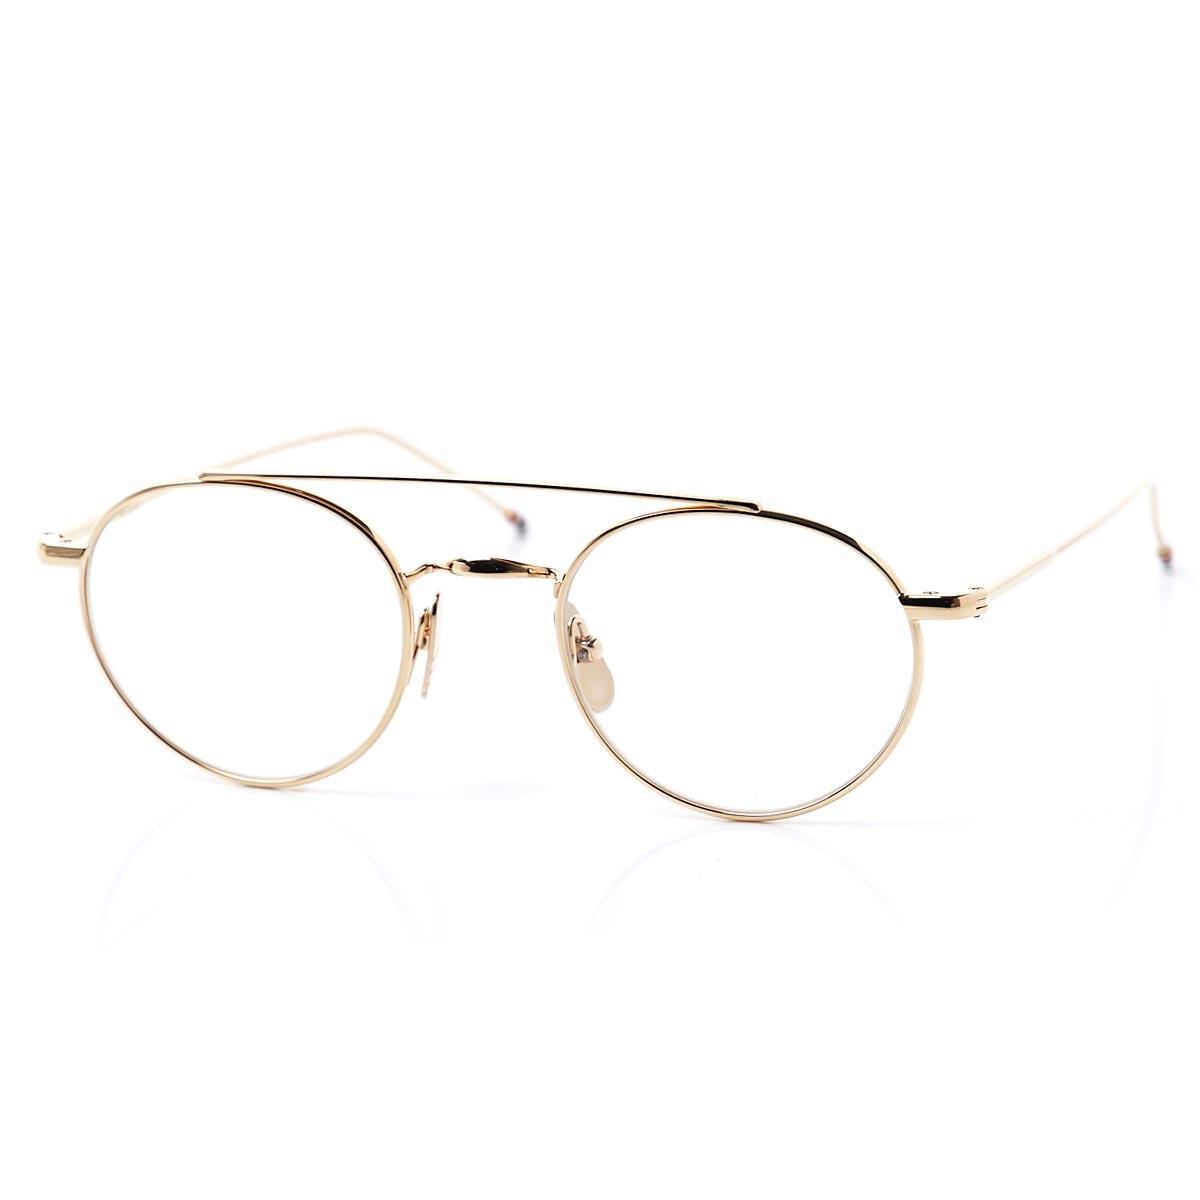 トムブラウン THOM BROWNE. 眼鏡 メガネ めがね ゴールド メンズ アイウェア tb 101 b gld 49 シャイニー【あす楽対応_関東】【返品送料無料】【ラッピング無料】【190215】